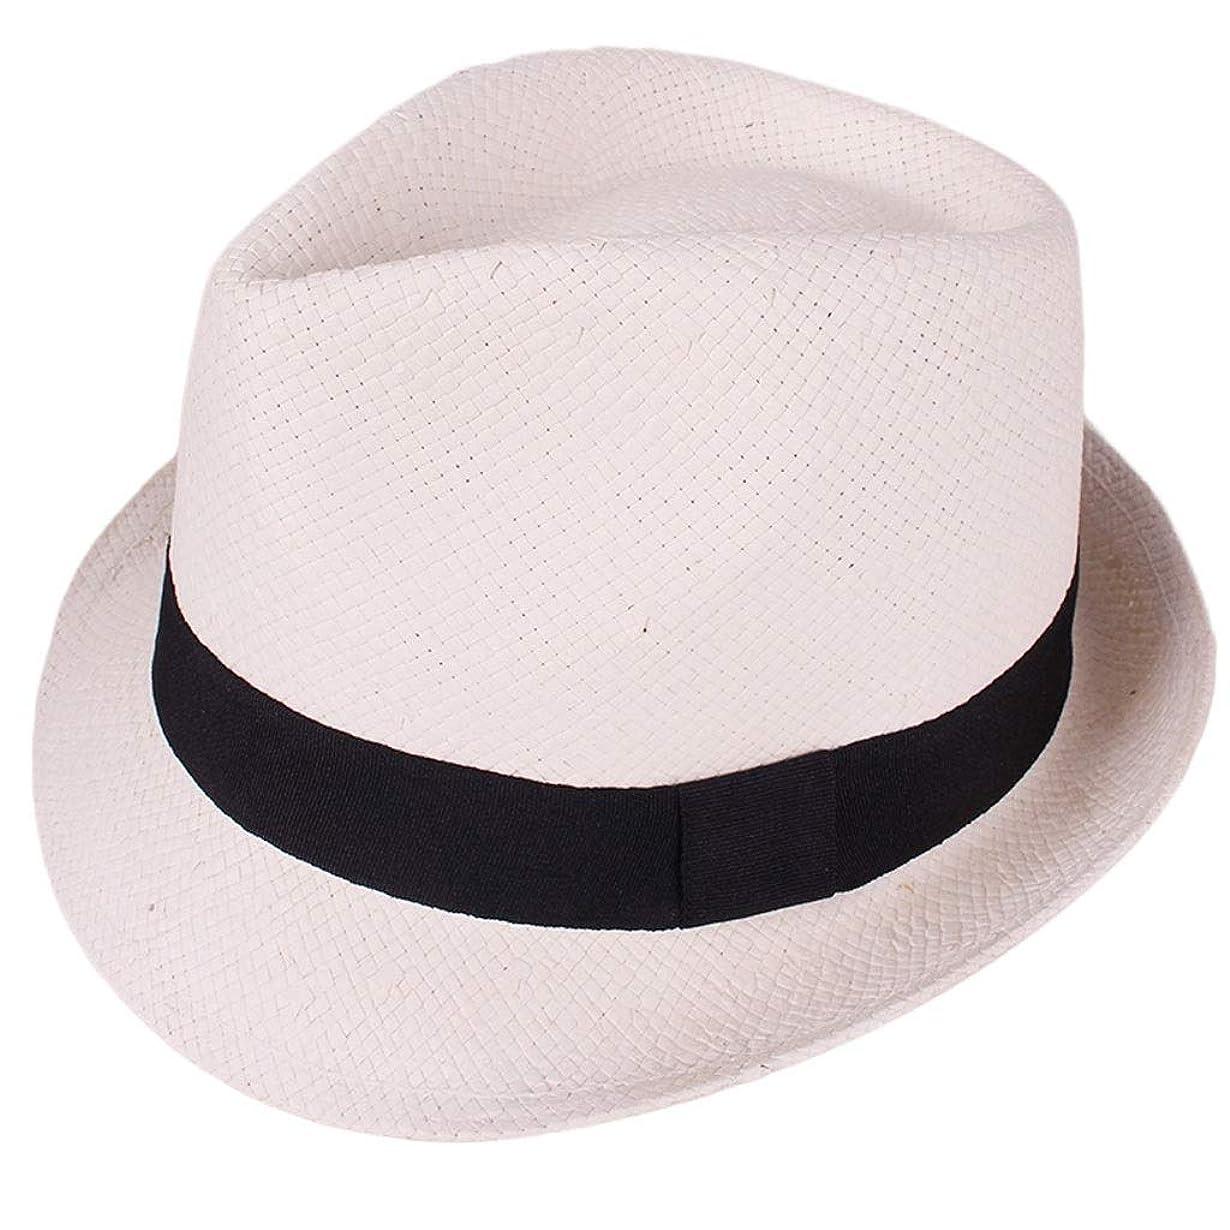 かけがえのない注入余計な日よけ帽 日曜日の帽子メンズ手作りの白い旅行日焼け止め麦わら帽子夏56-58 cm ZHAOSHUNLI